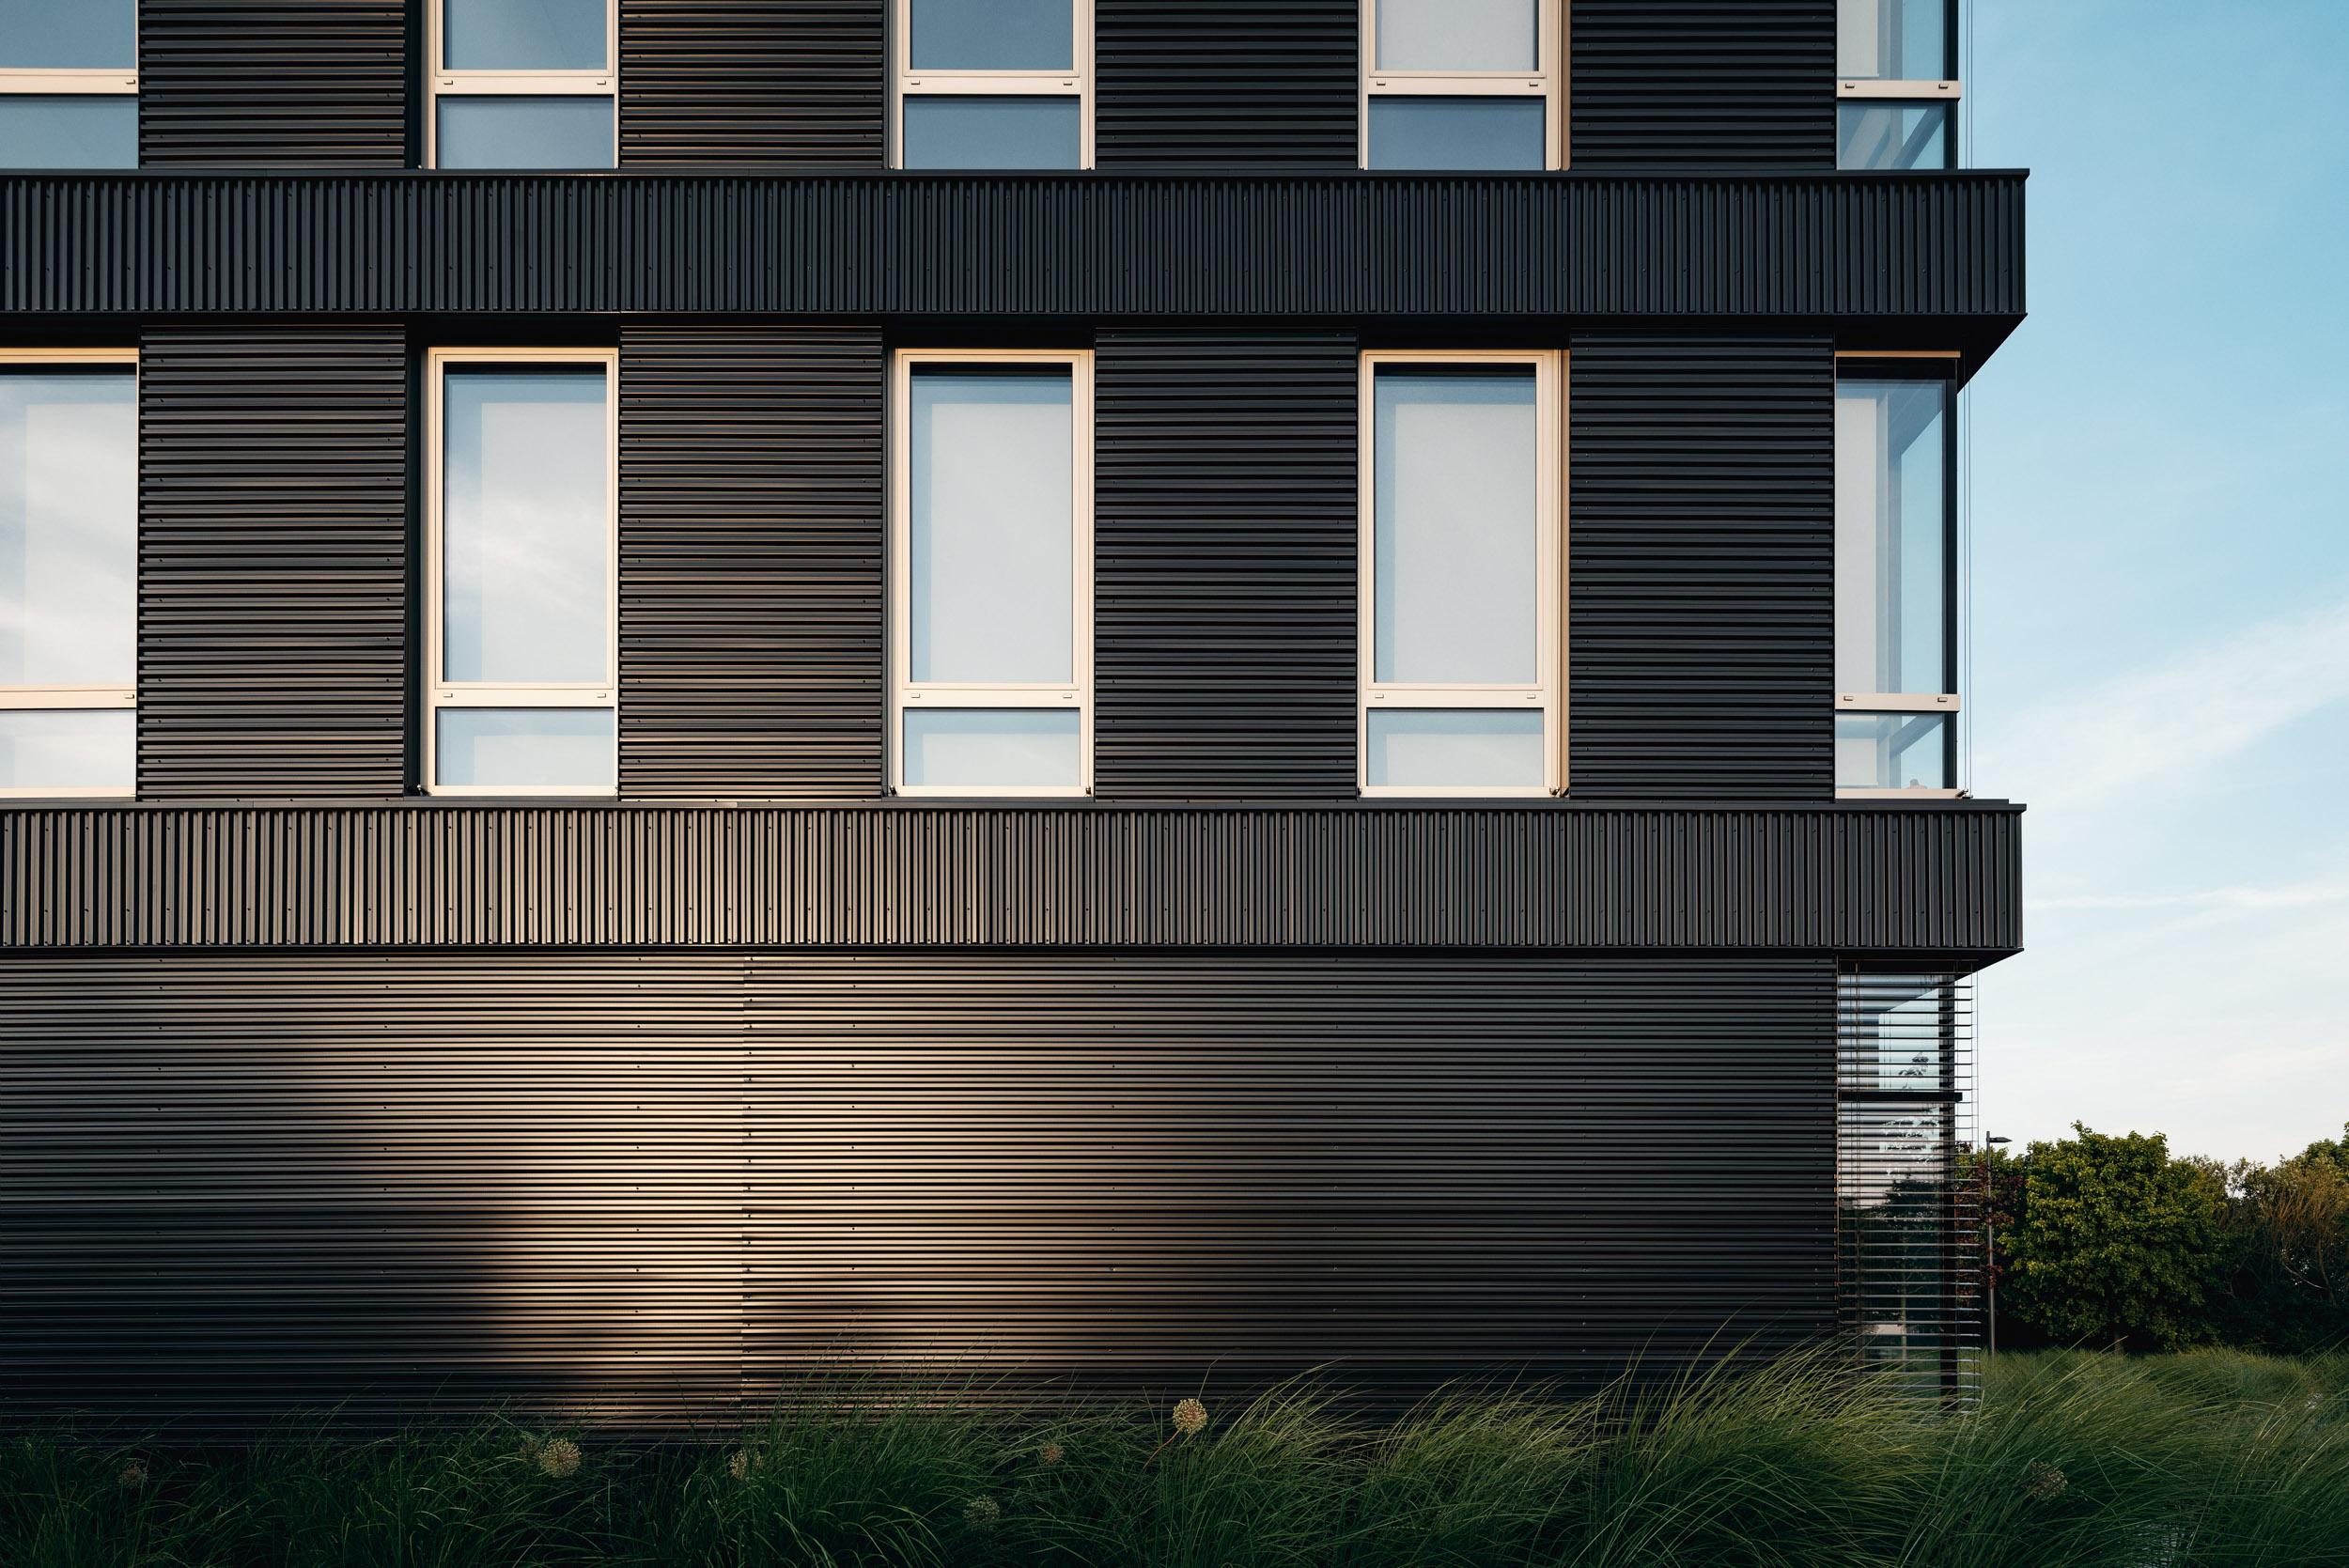 Gustav-Epple-Bauunternehmung-TUM-Campus-München_MLX4220